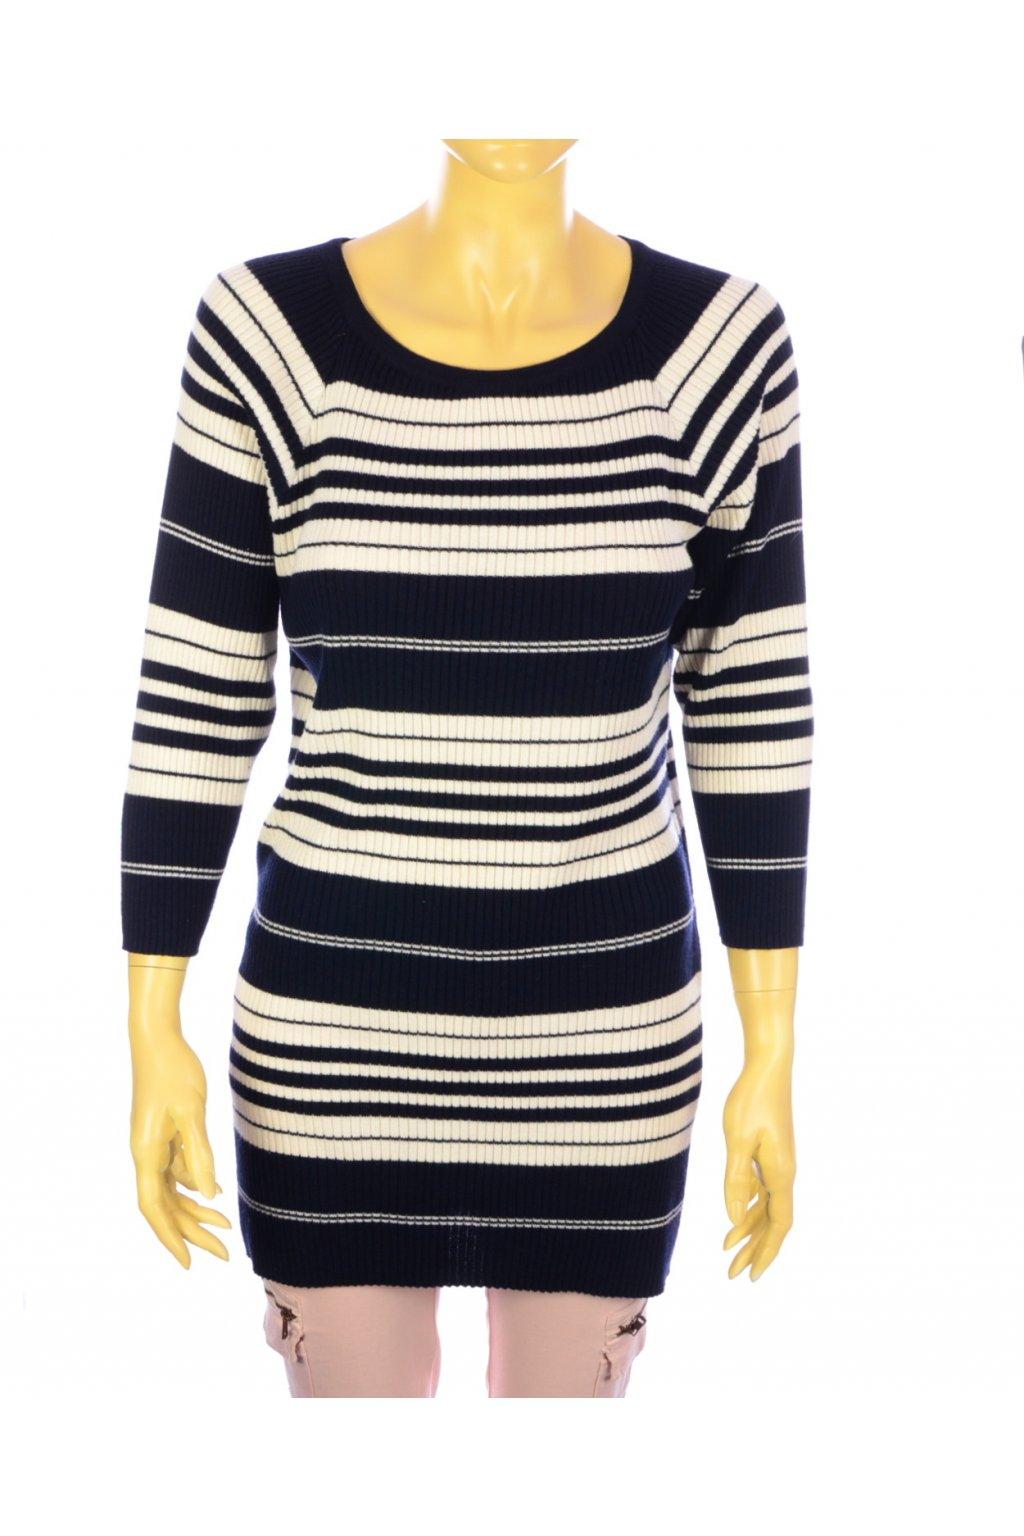 Svetr delší šaty modro-bílé pruhované C&A Incognito vel. 44 / L